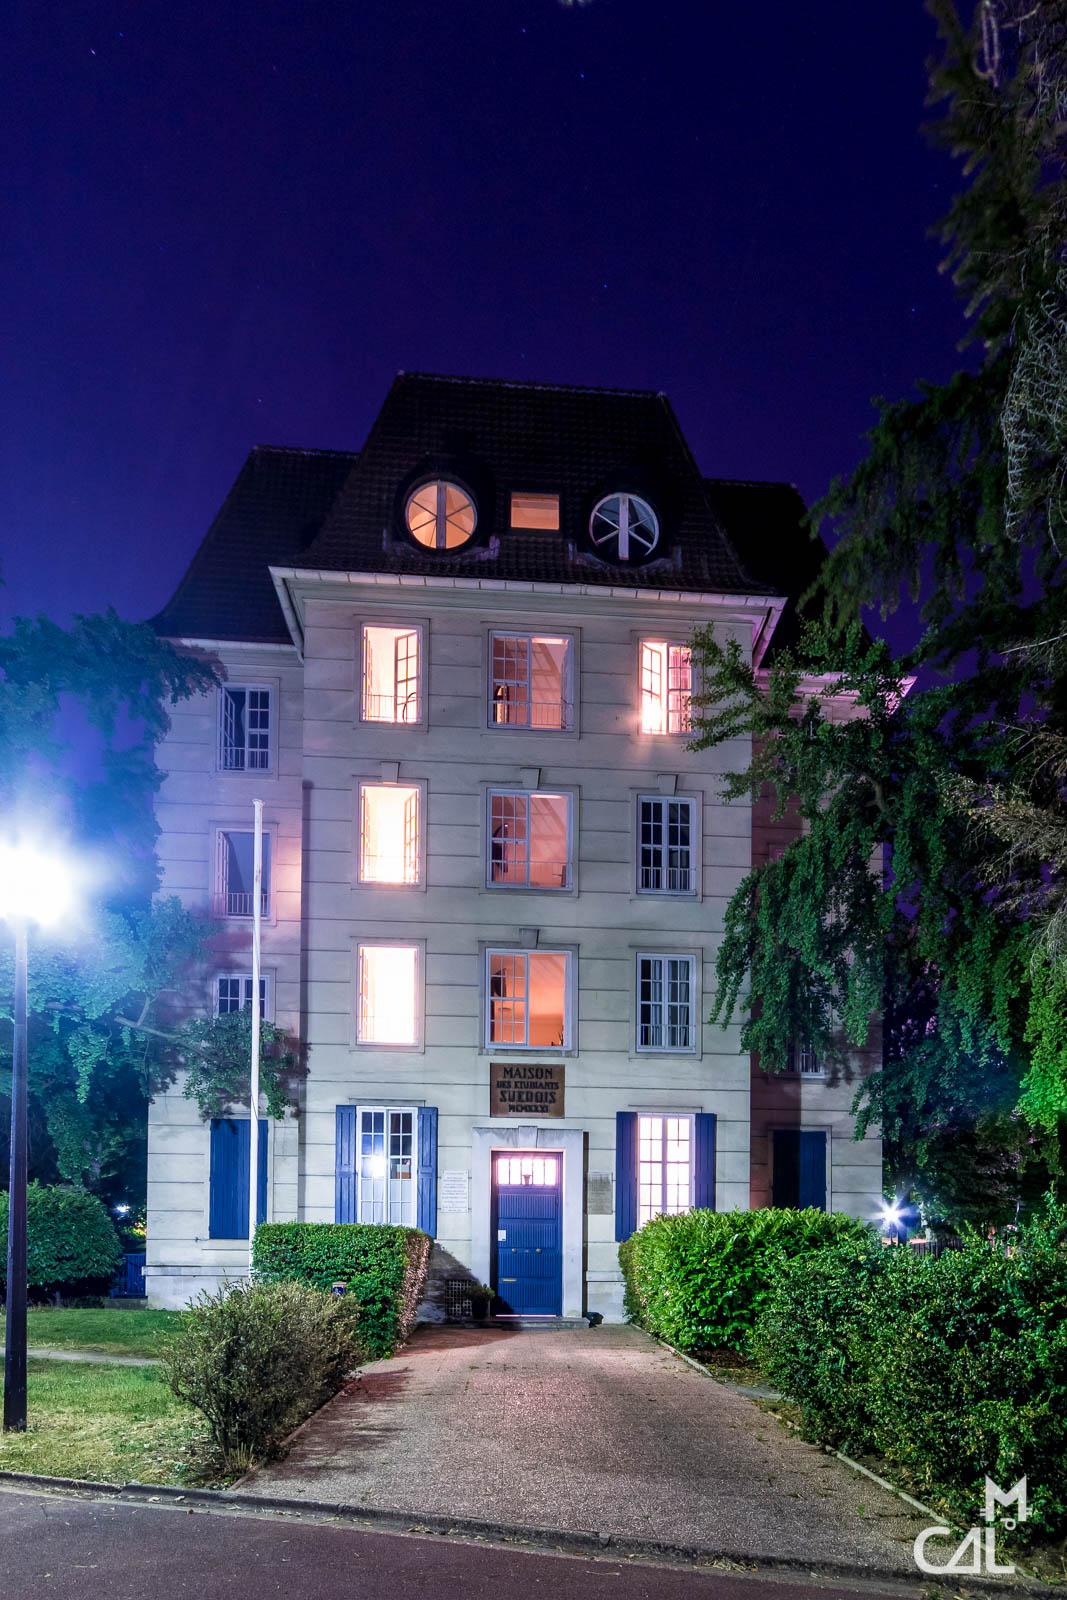 La Maison De La Suede cité universitaire, maison de étudiants suédois – suède : la